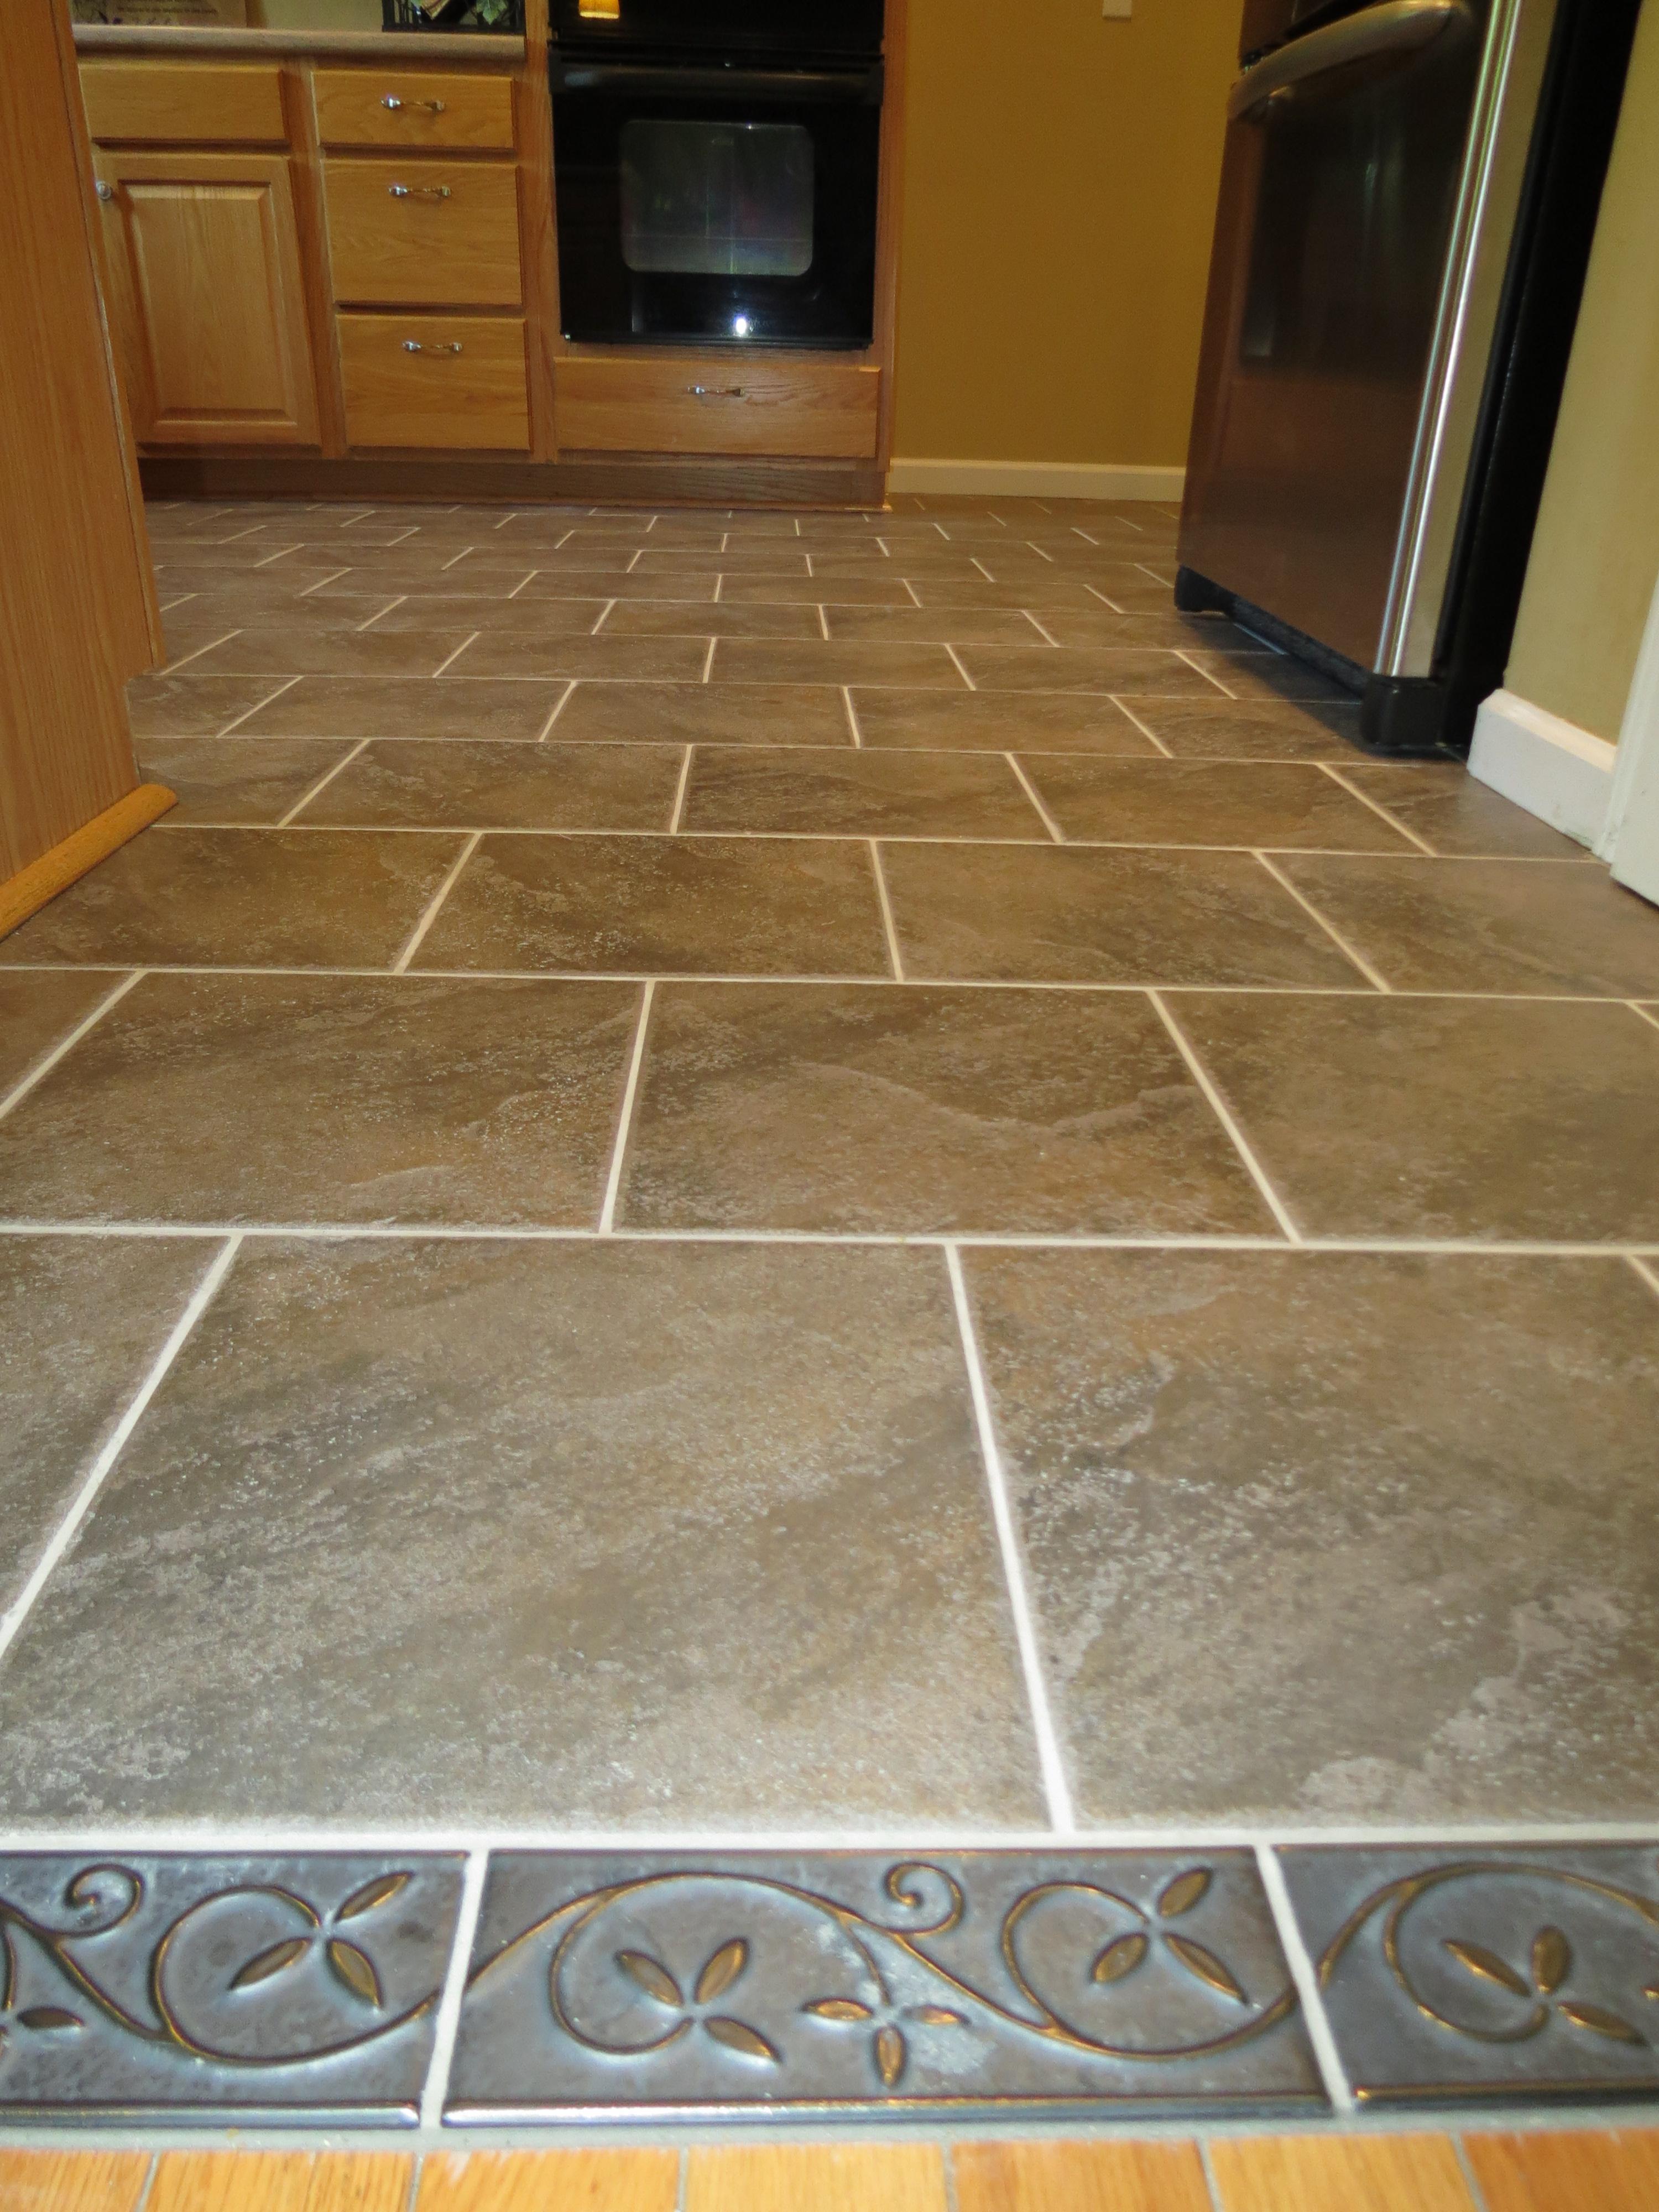 kitchen floor tile pattern ideas photo - 6